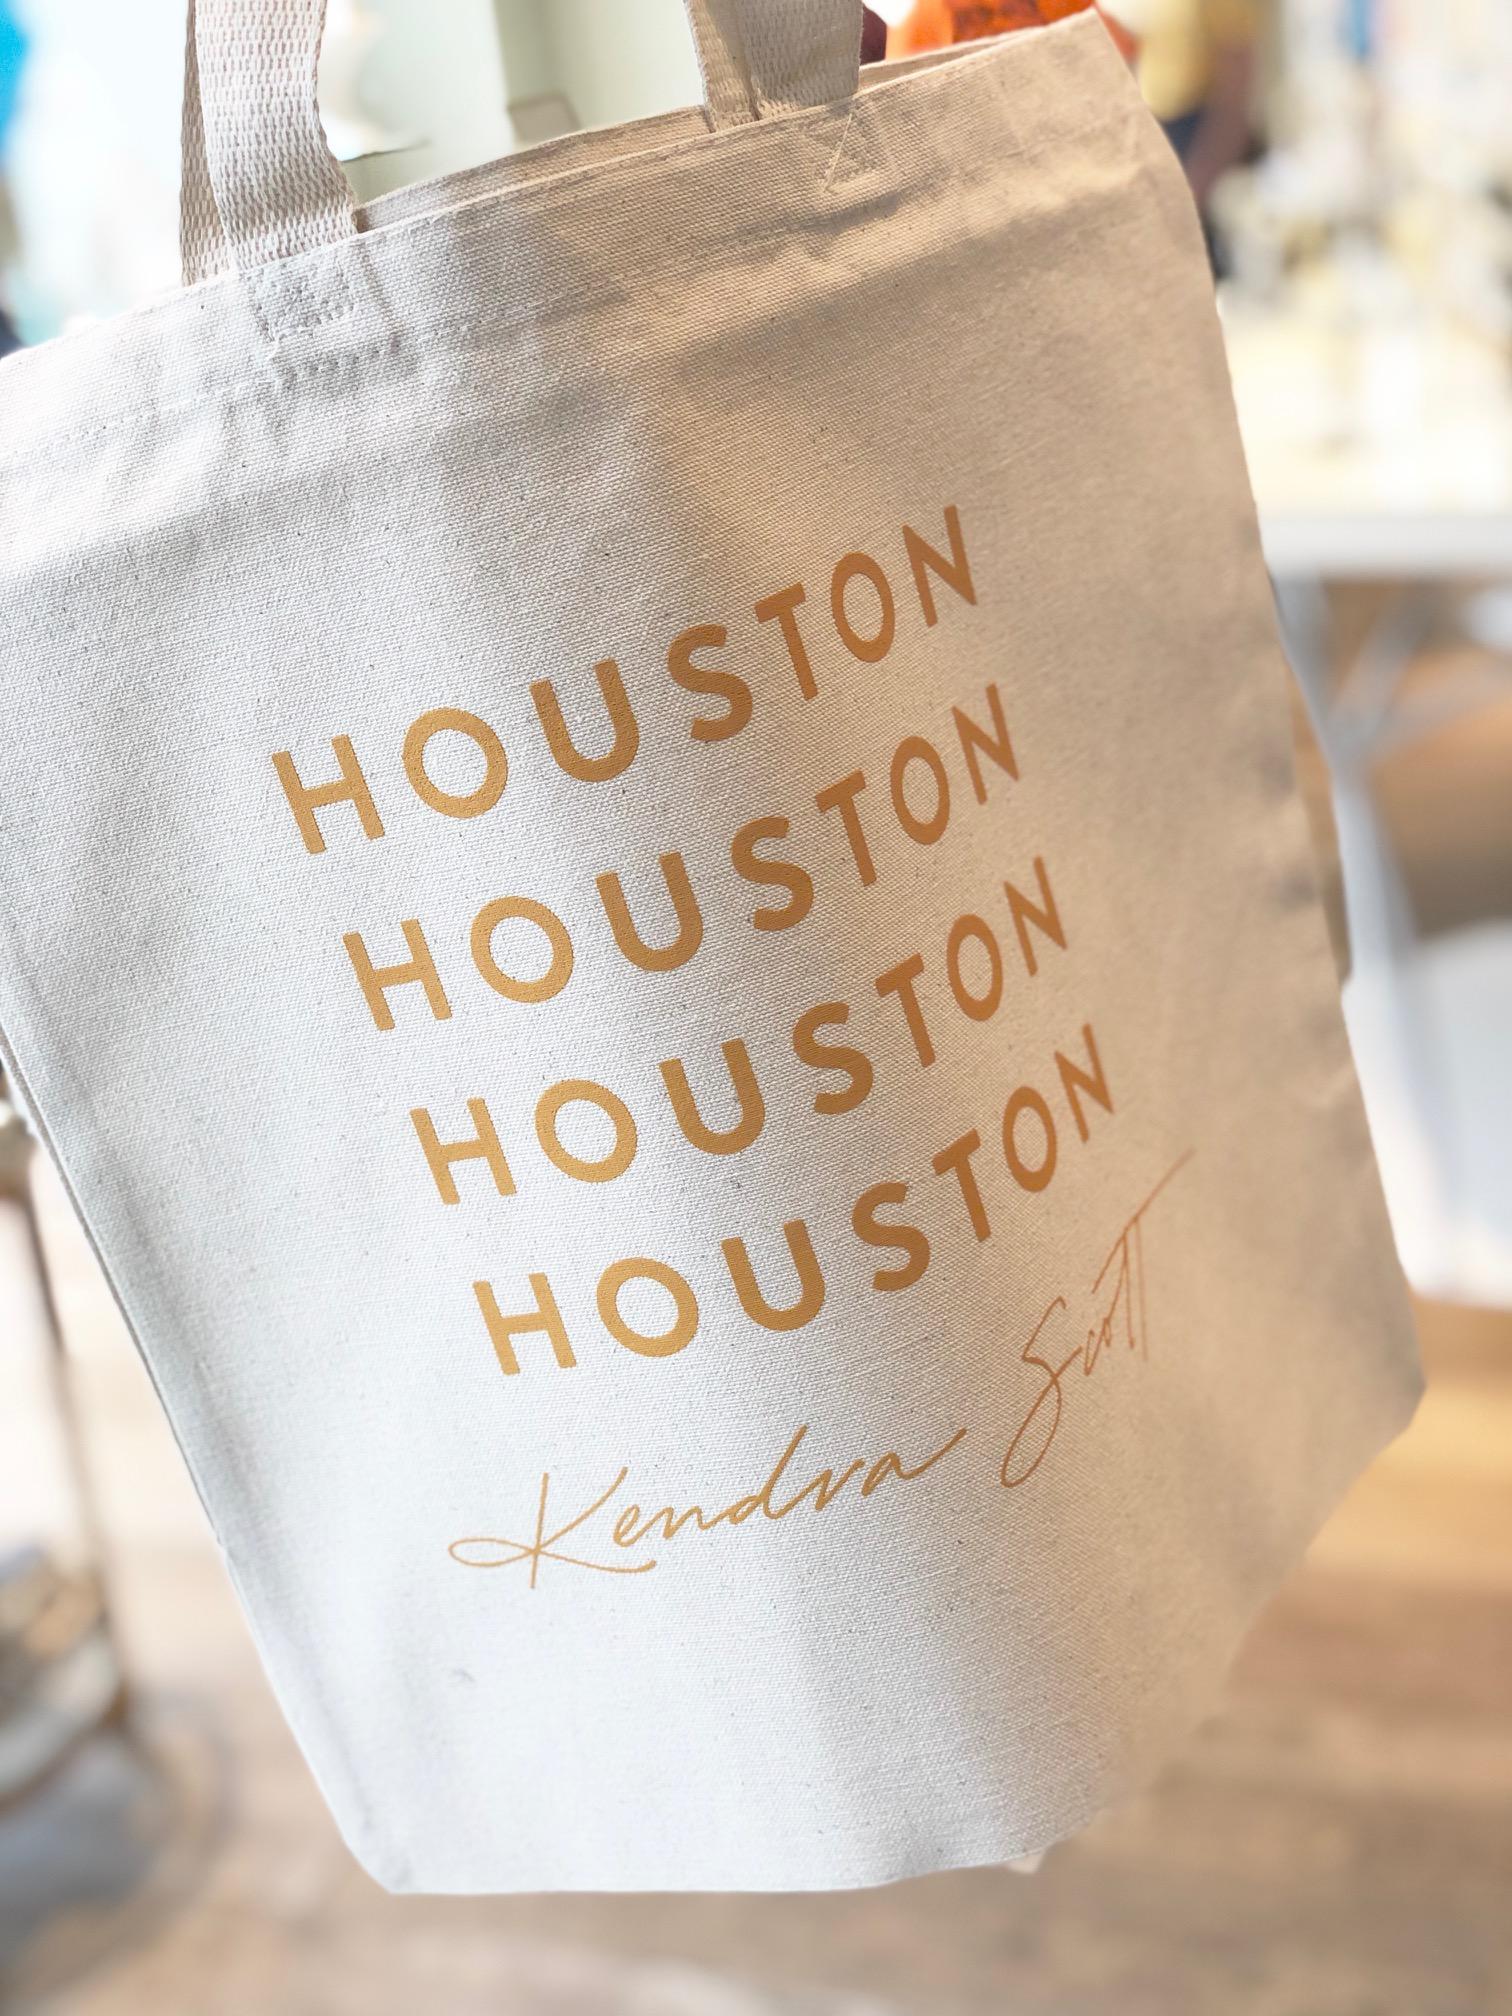 Kendra Scott Houston Design